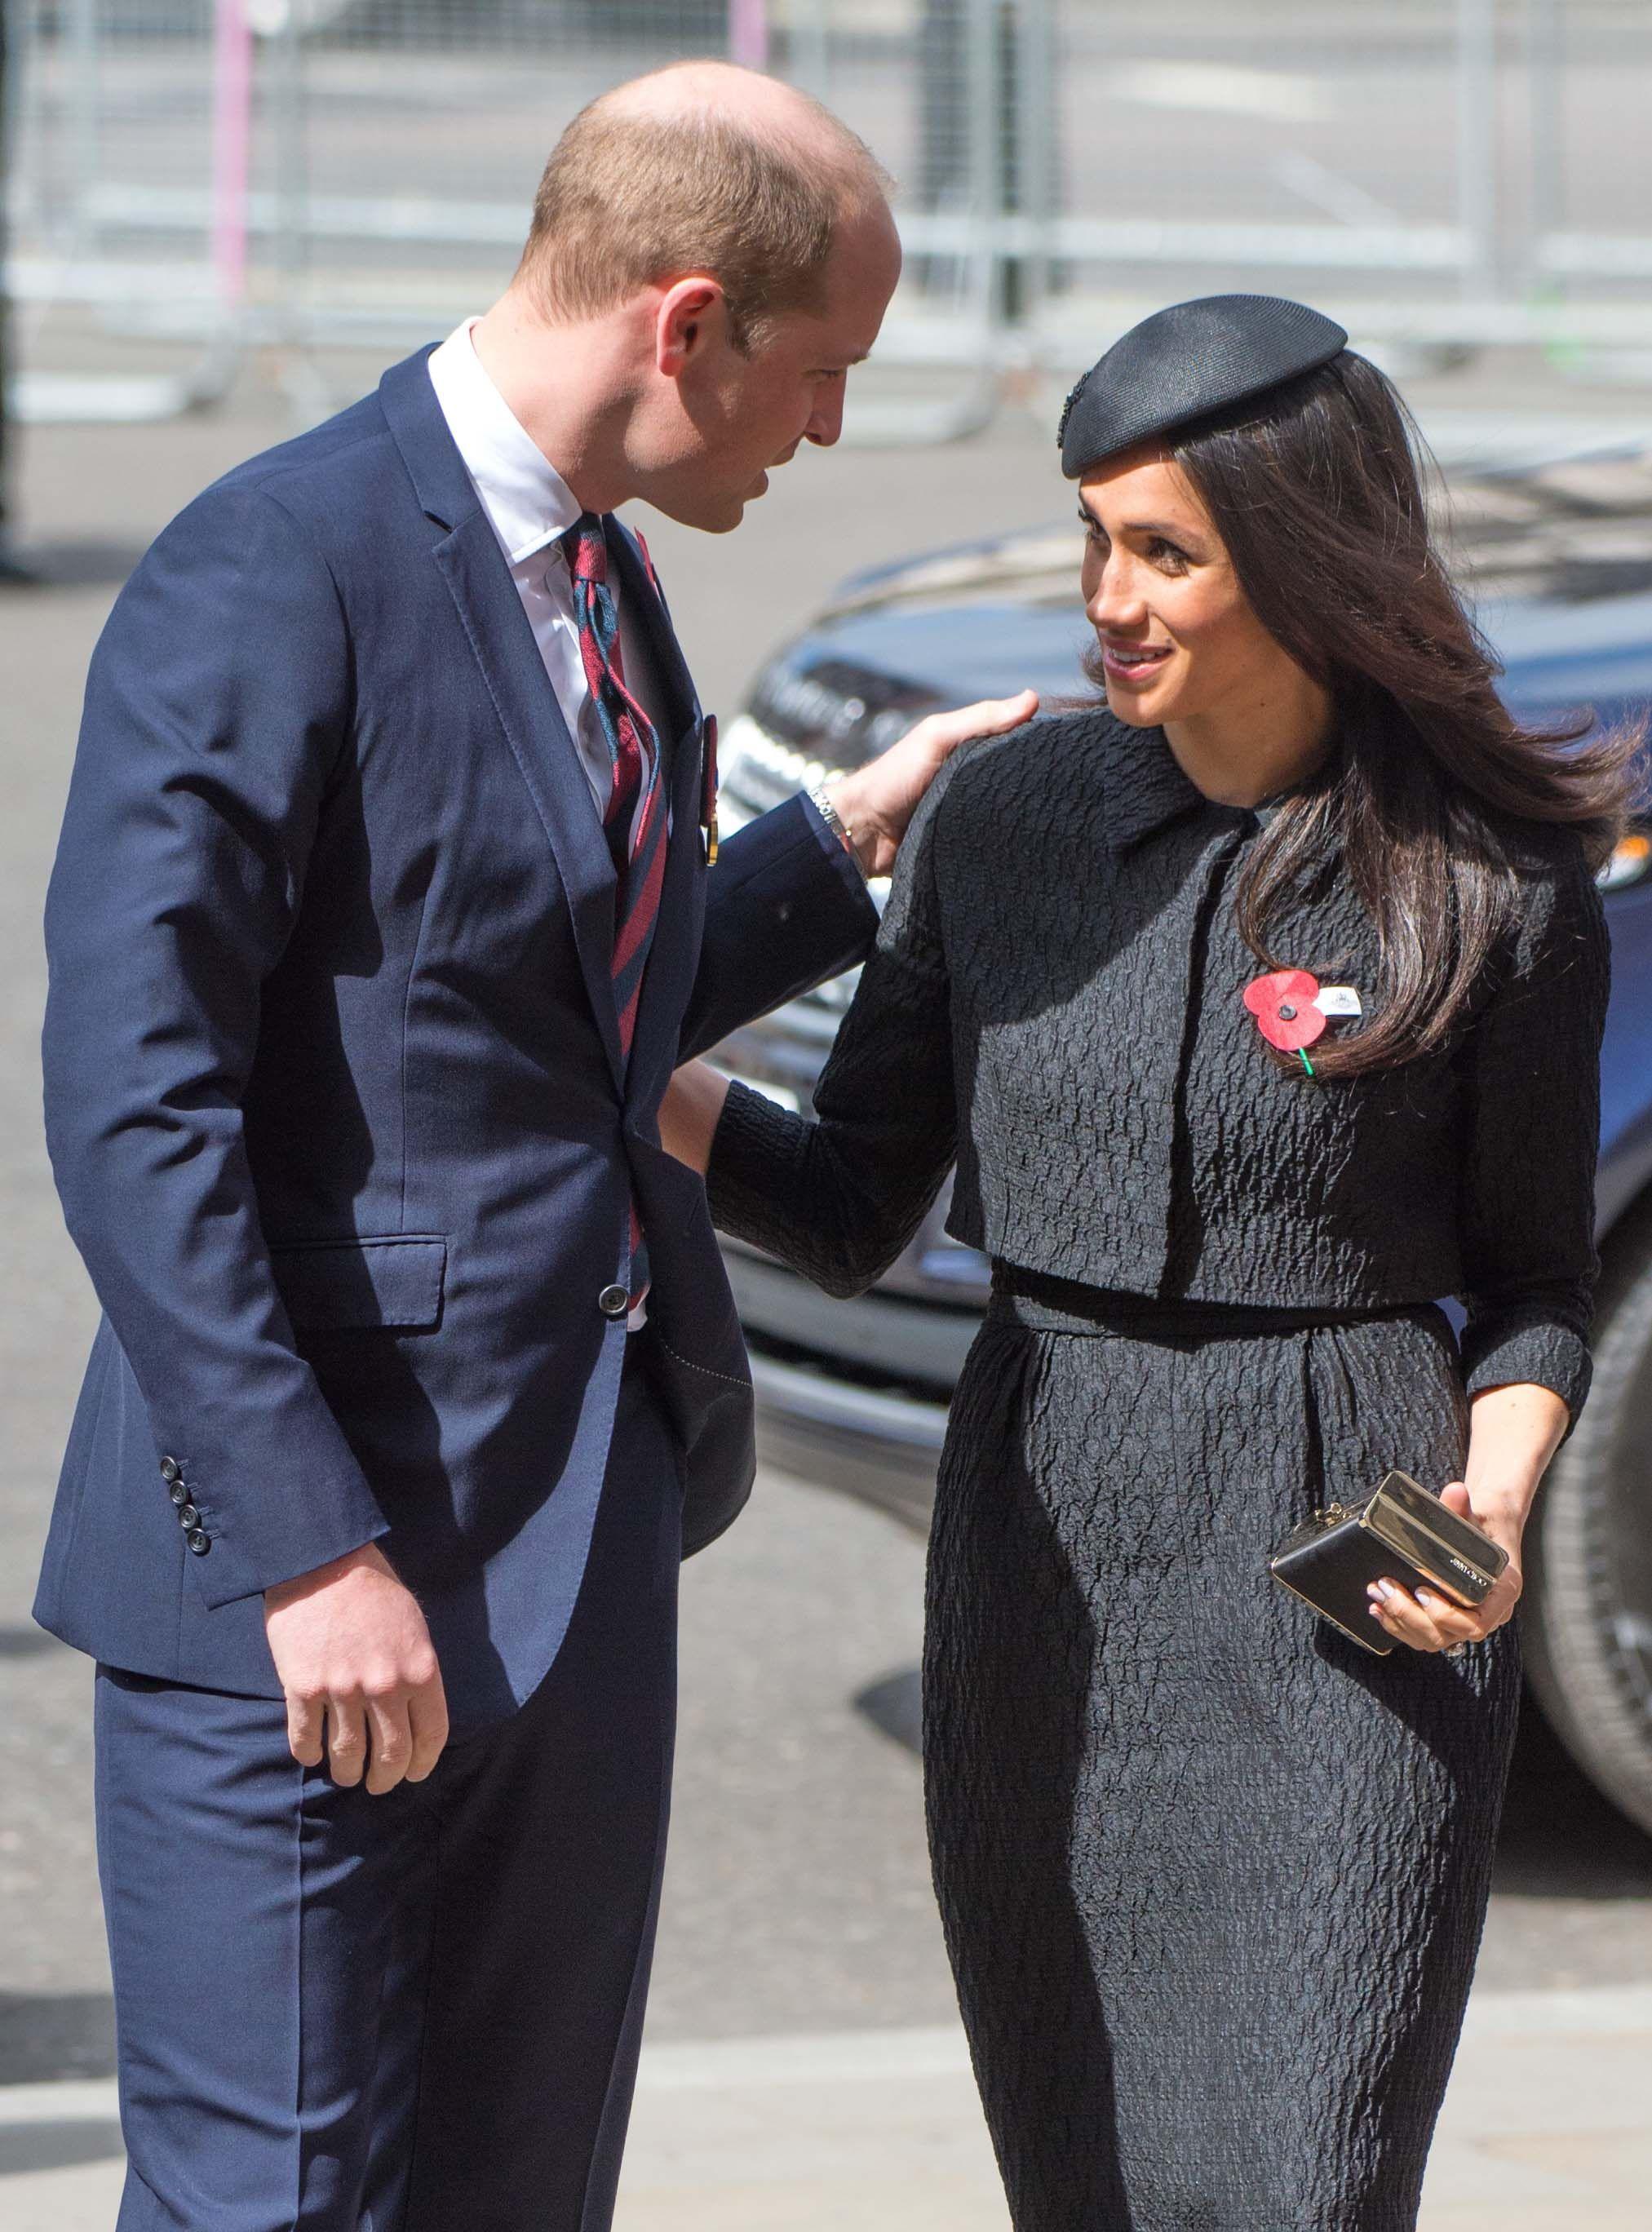 Guillermo de Inglaterra muestra su preocupación por Meghan y Harry